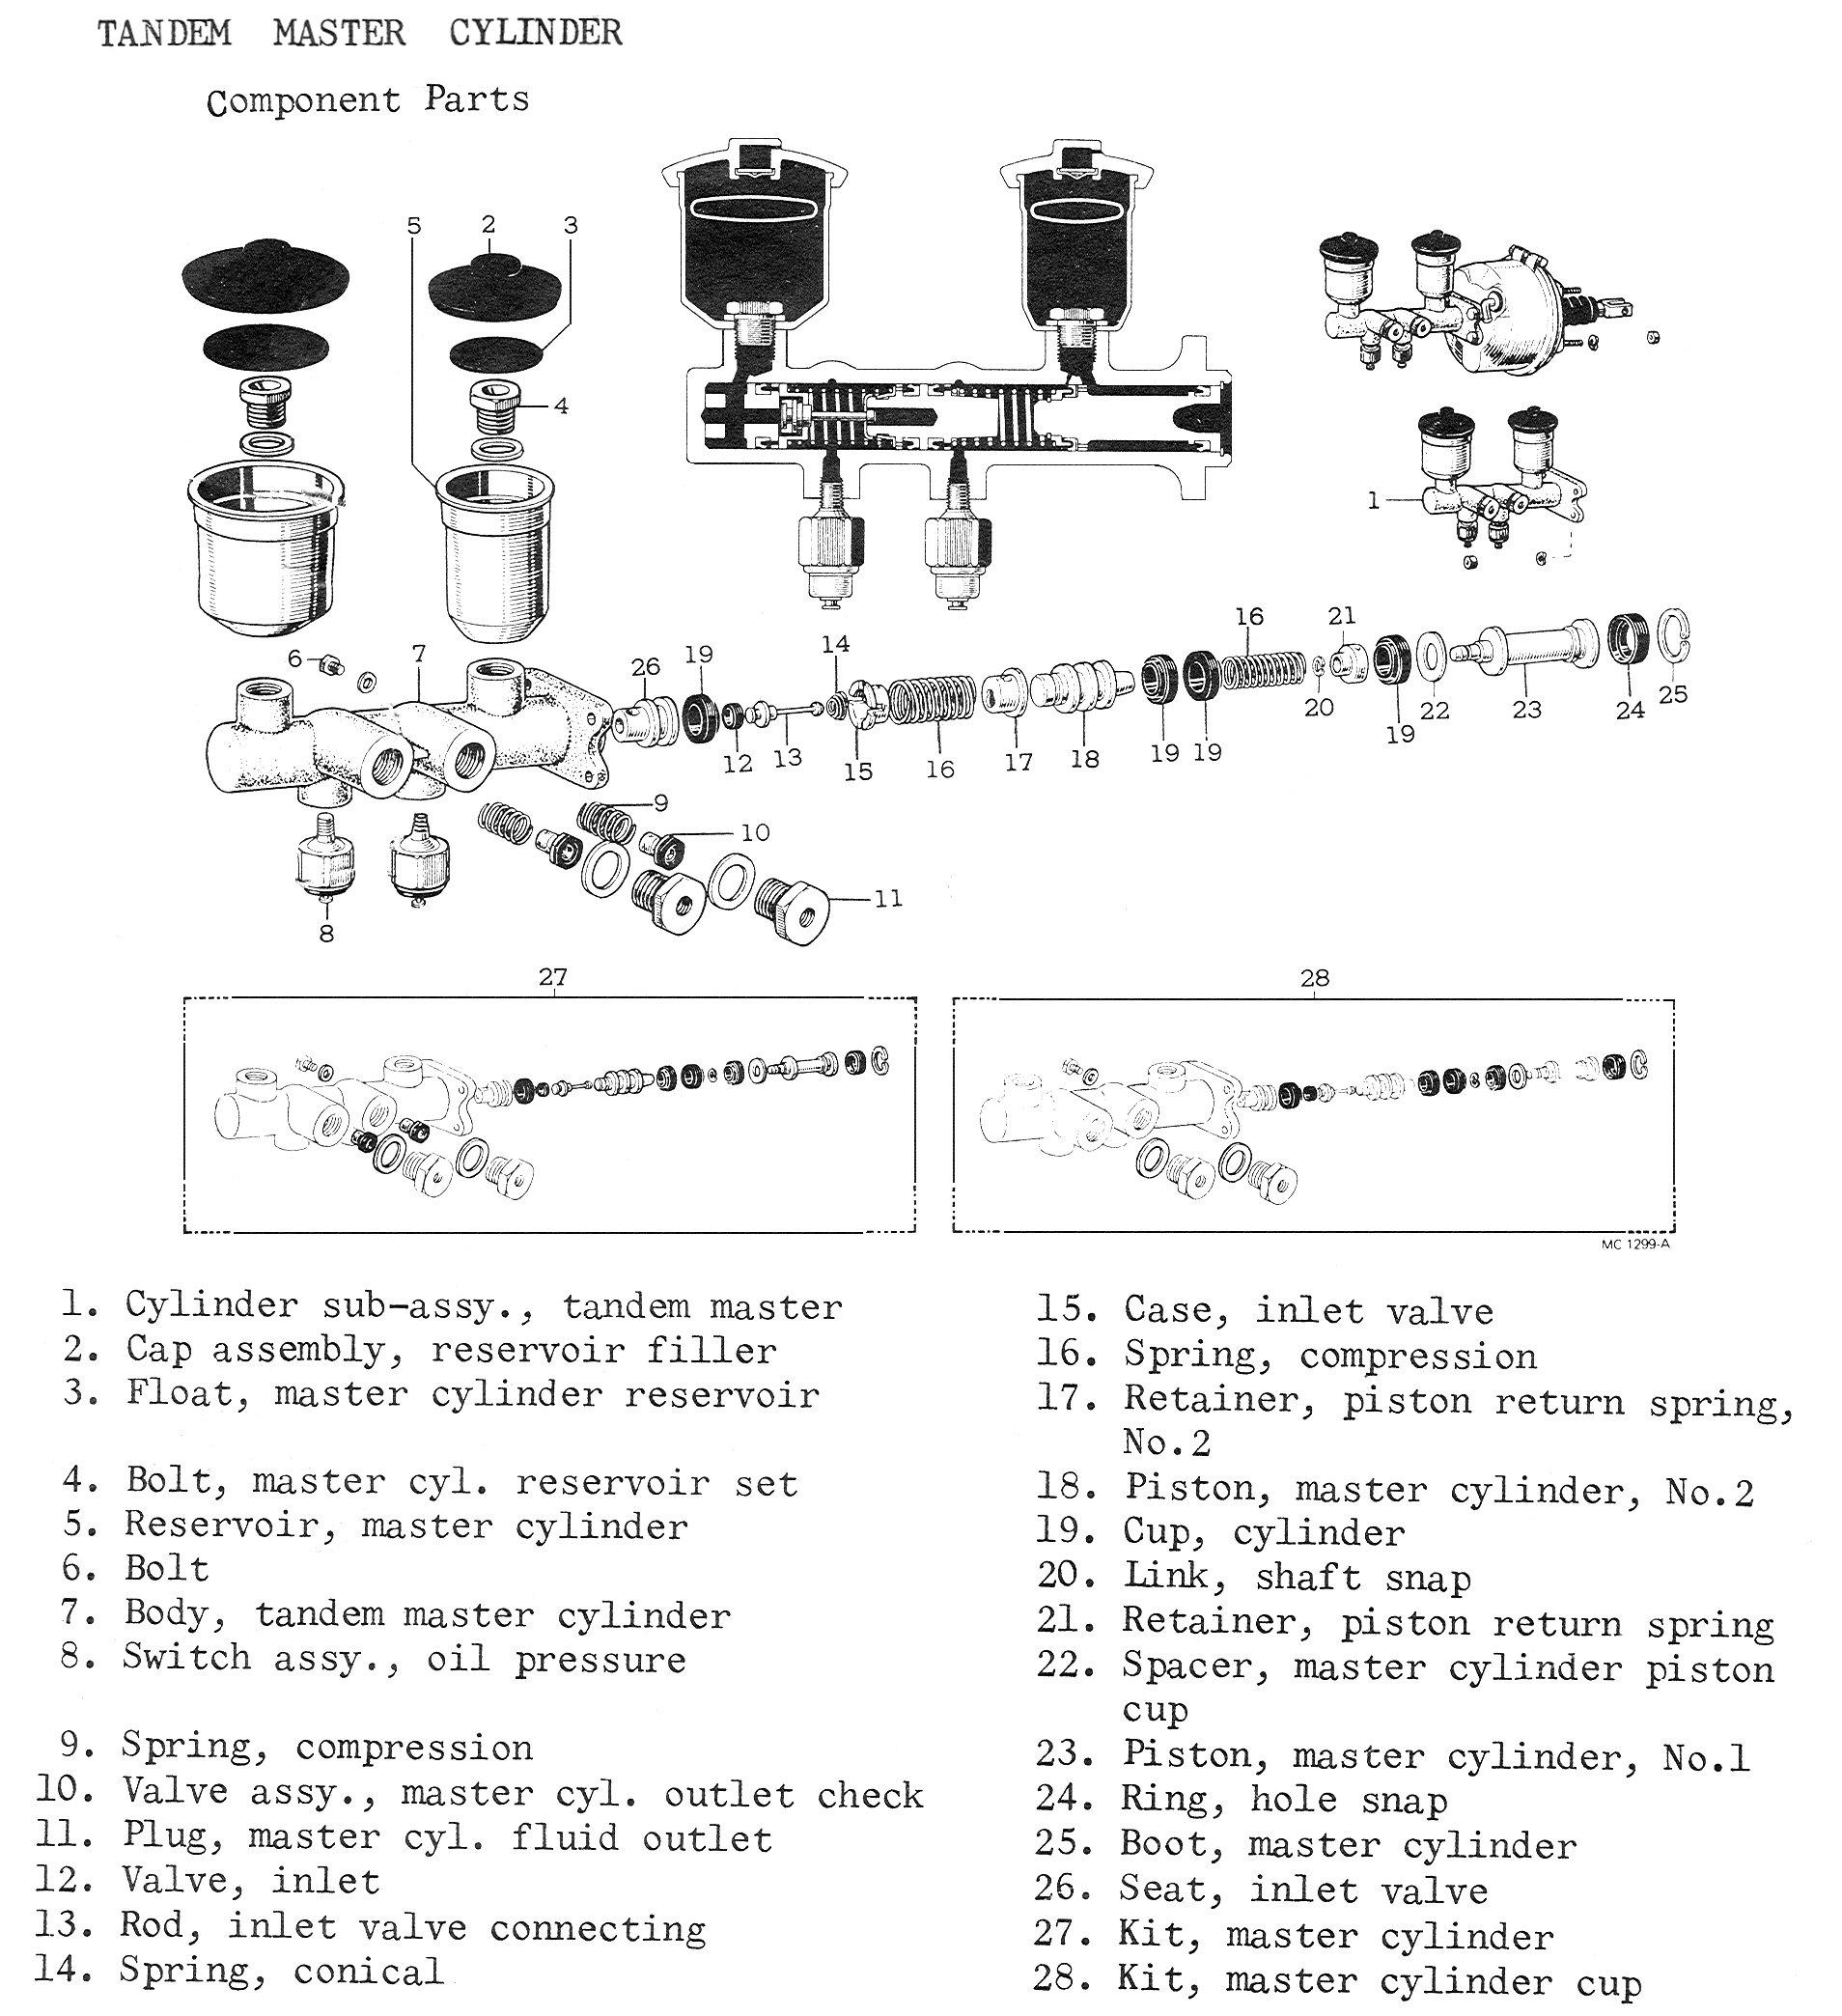 211BRAKES7 37 master cylinder rebuild